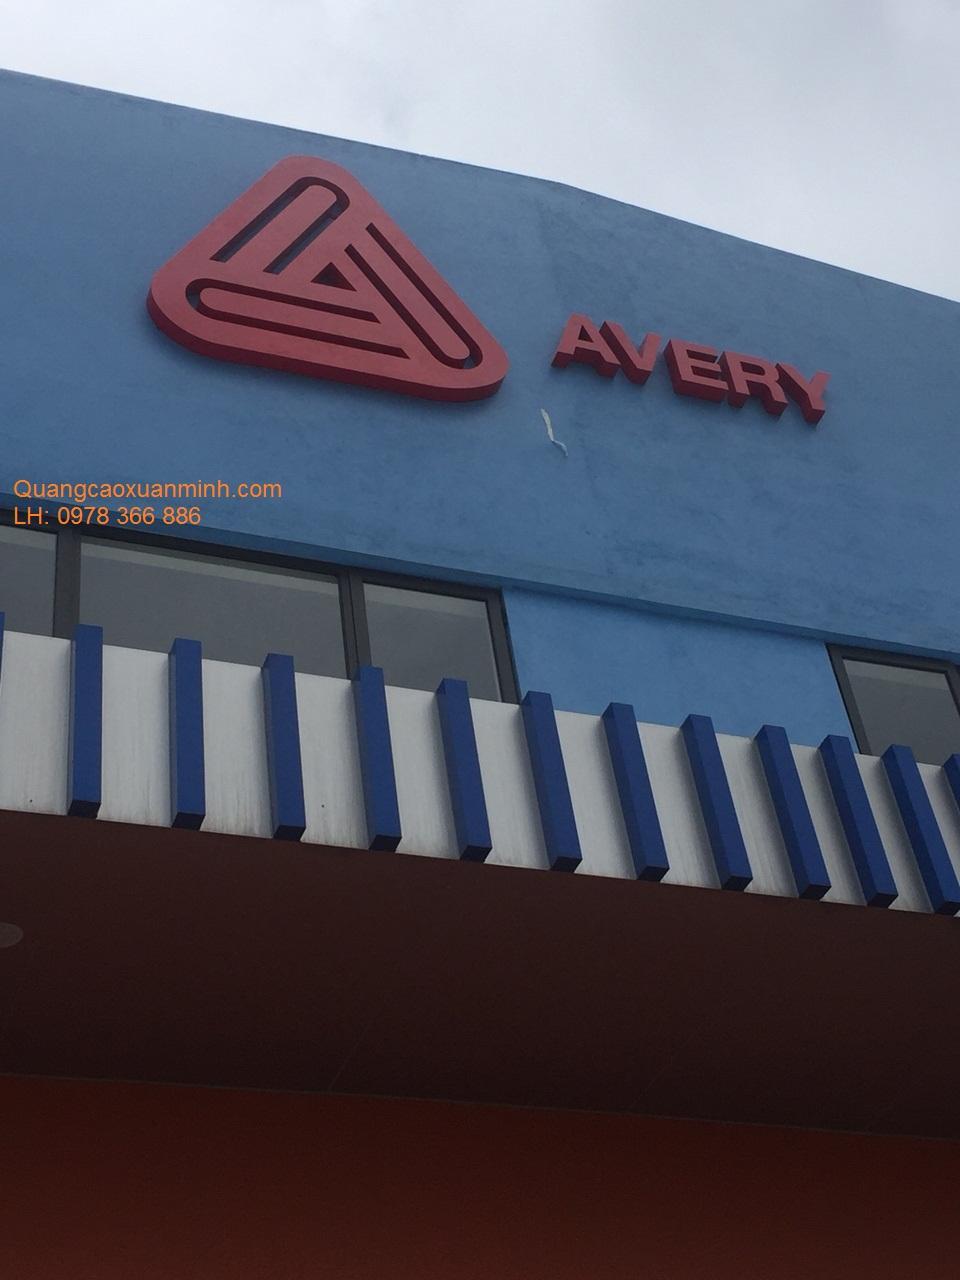 Biển-chữ-nhà-Máy-Avery-KCN-Vsip-Bắc-Ninh